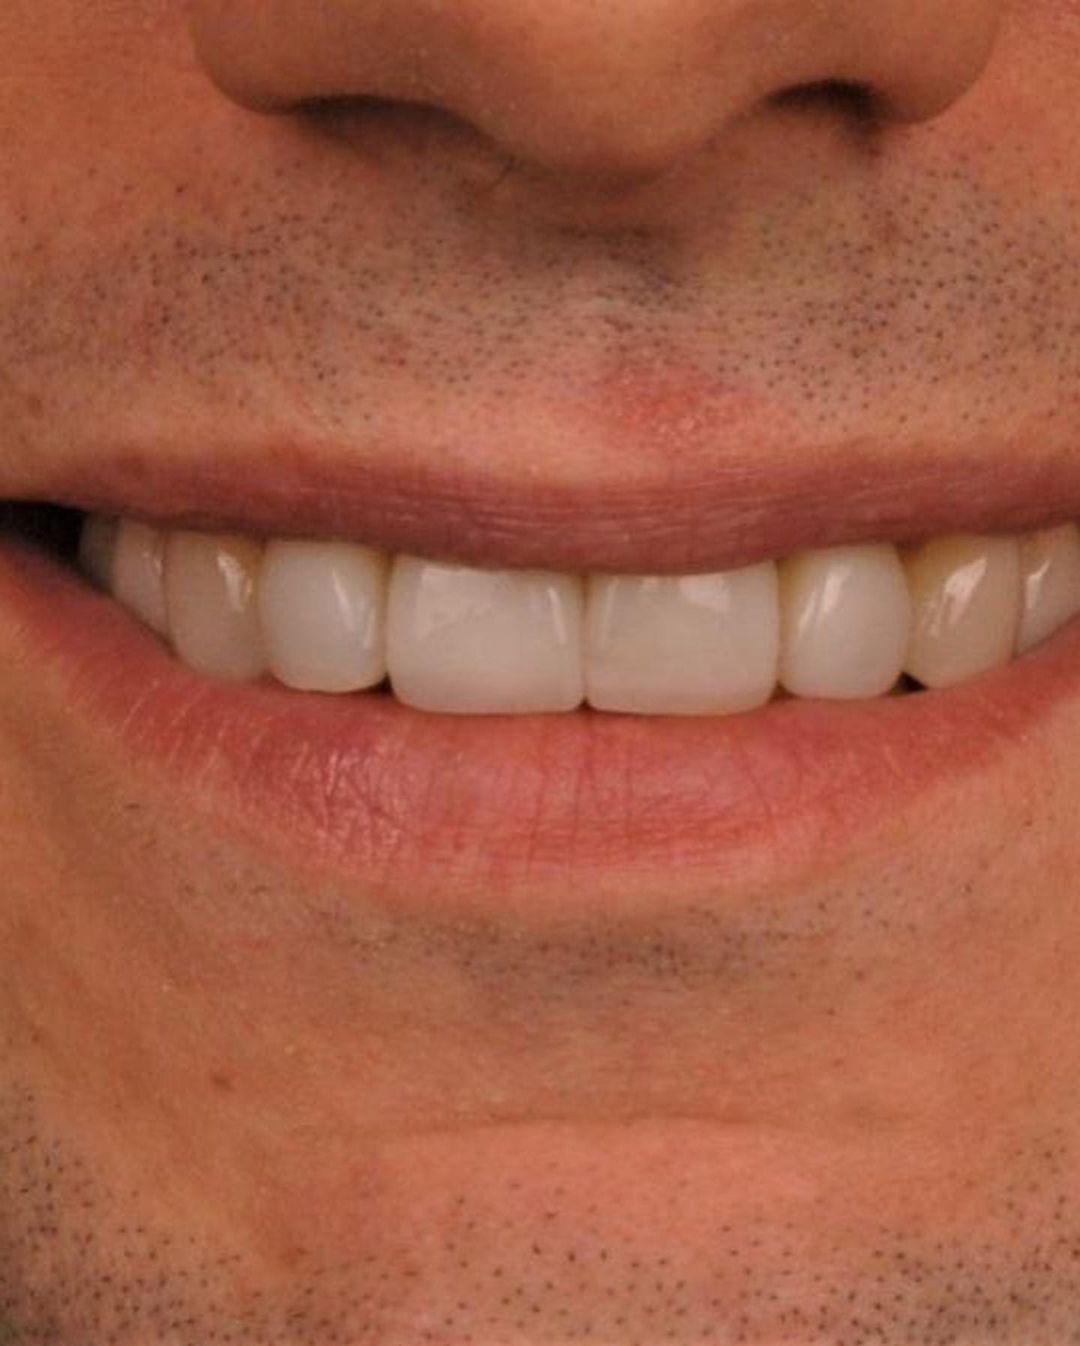 """Голливудская улыбка: Александр Эллерт сделал """"новые"""" зубы и показал результат - фото №3"""